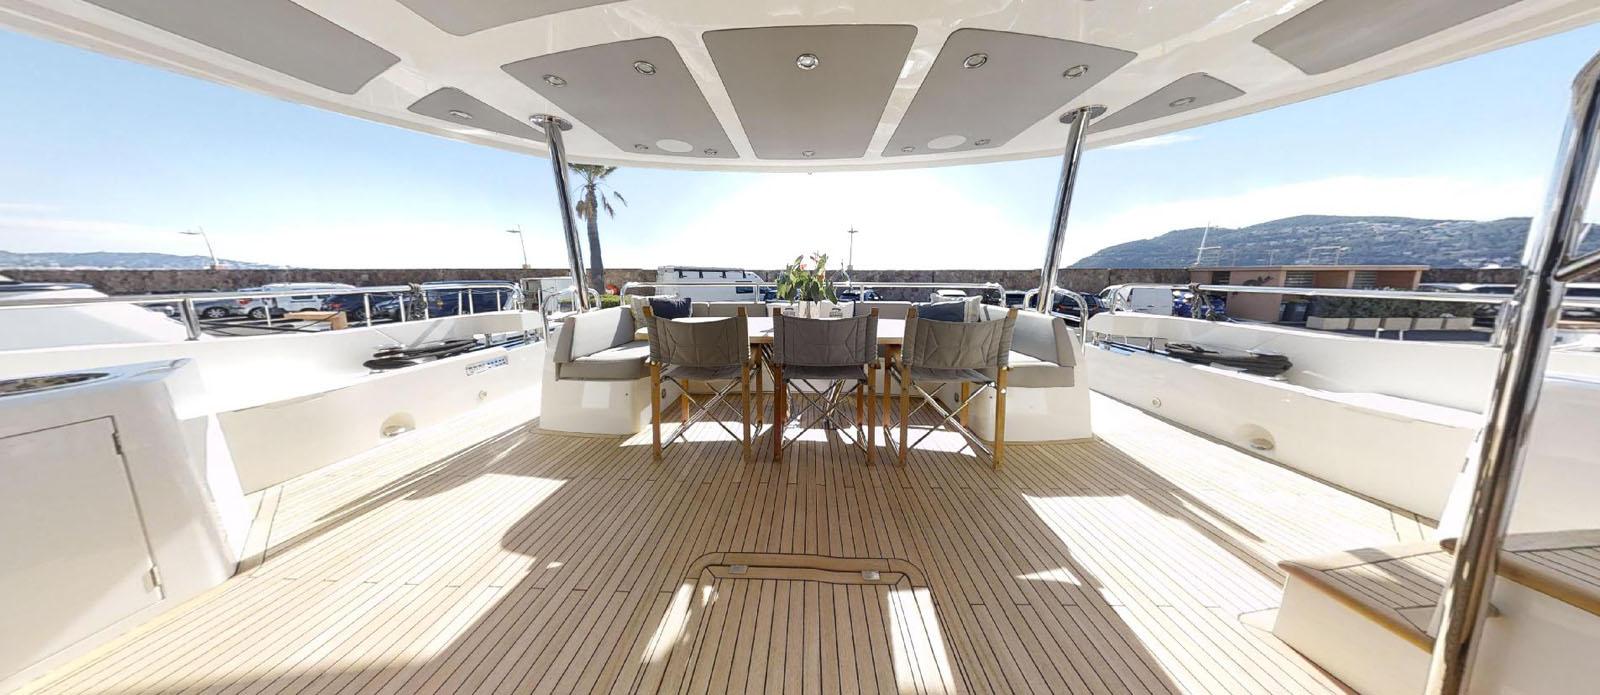 Sunseeker-86-Yacht-MiBowt-Main-Deck-Aft